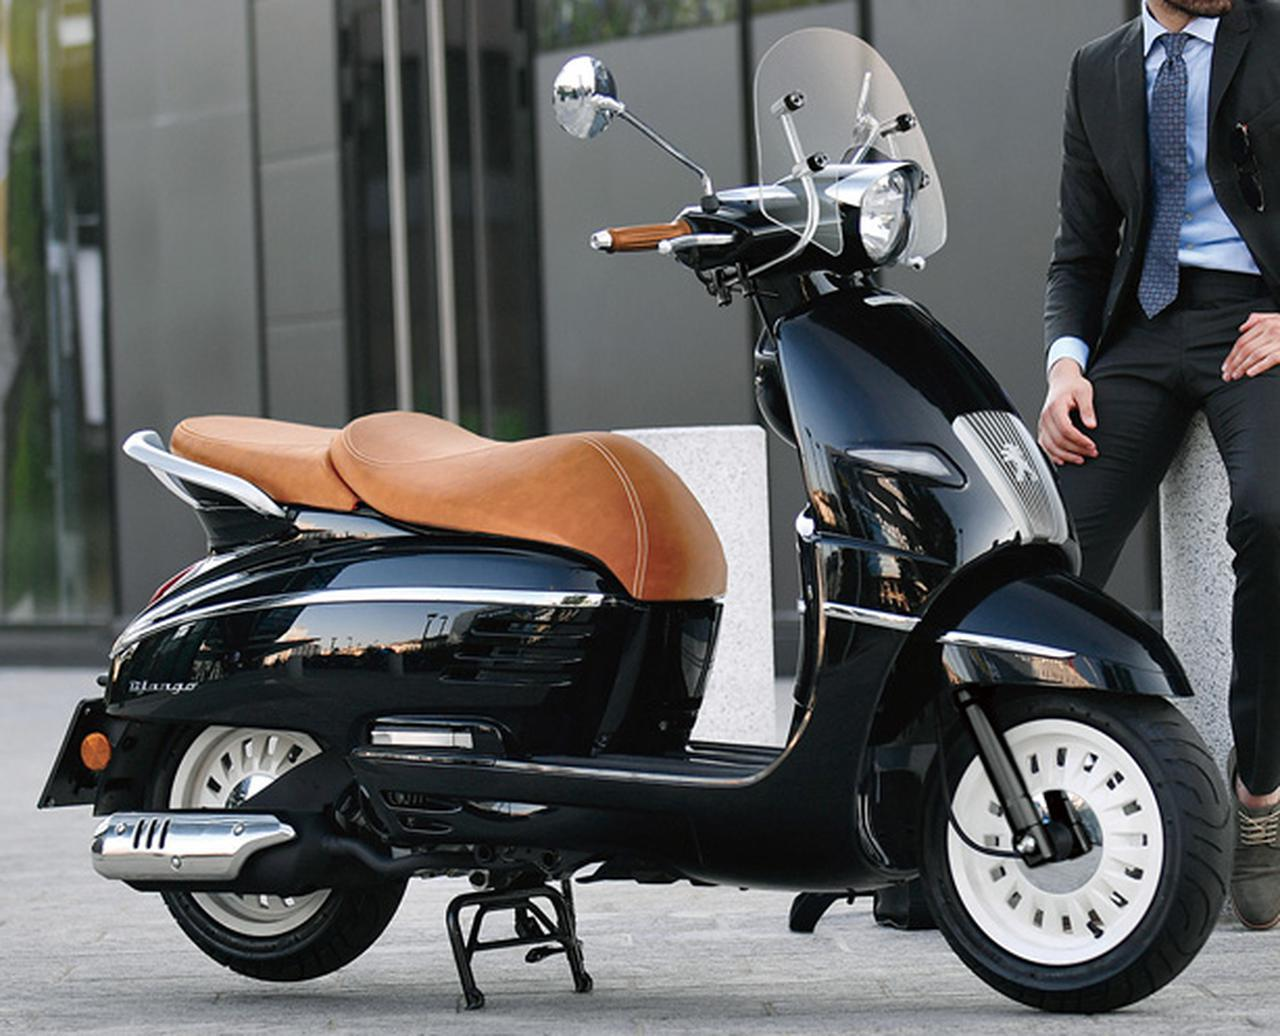 画像: プジョー「ジャンゴ125」シリーズ 2021年モデル情報 - webオートバイ